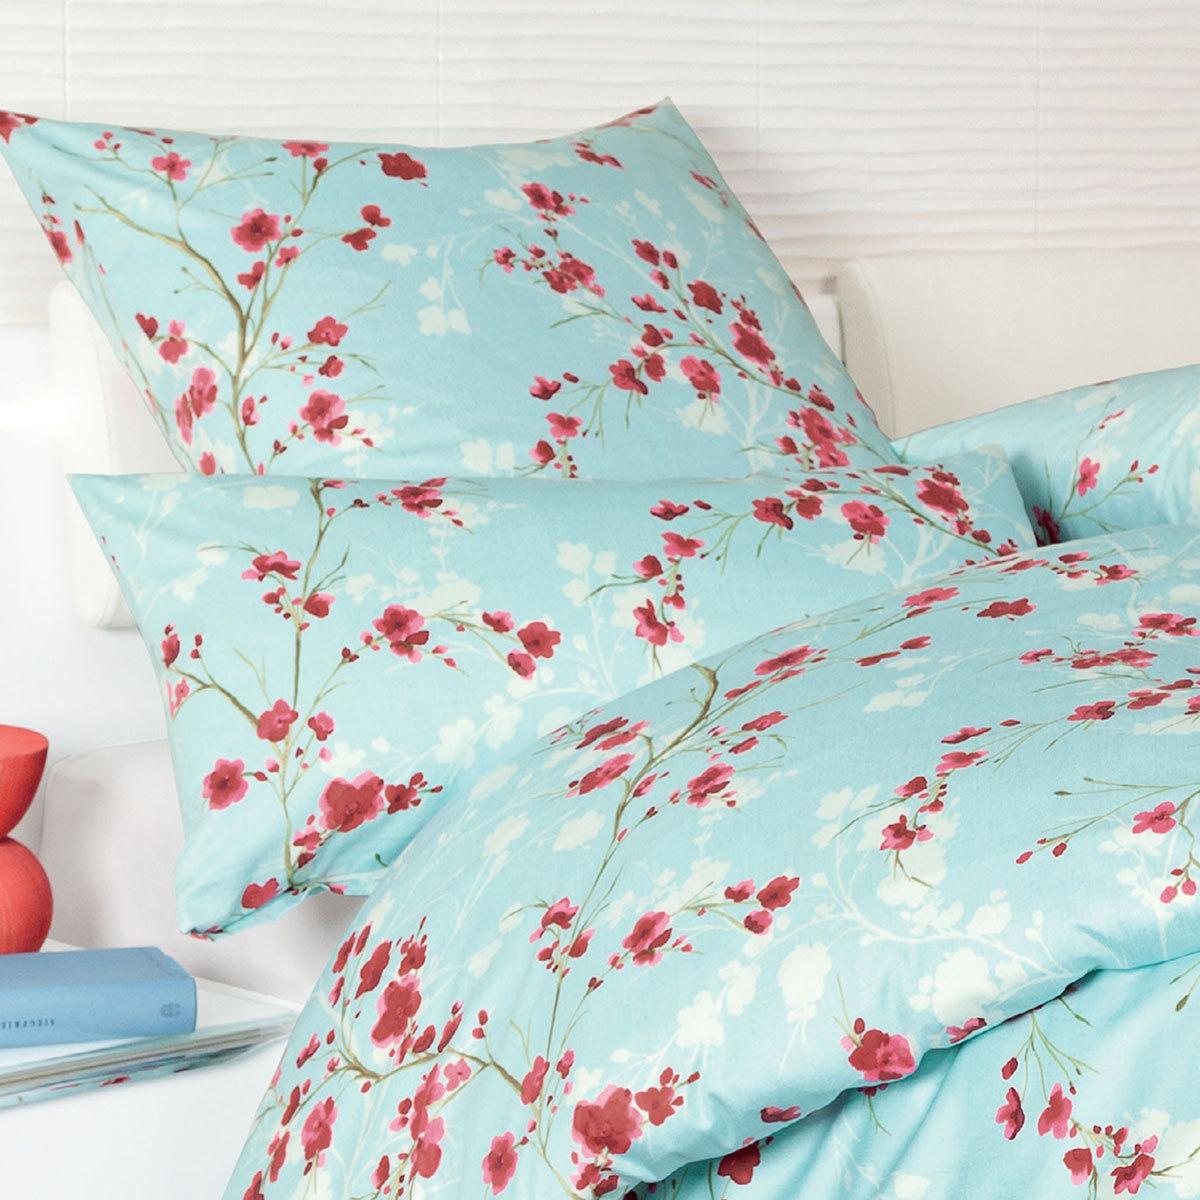 janine interlock feinjersey bettw sche carmen 53040 02 wolkenblau g nstig online kaufen bei. Black Bedroom Furniture Sets. Home Design Ideas